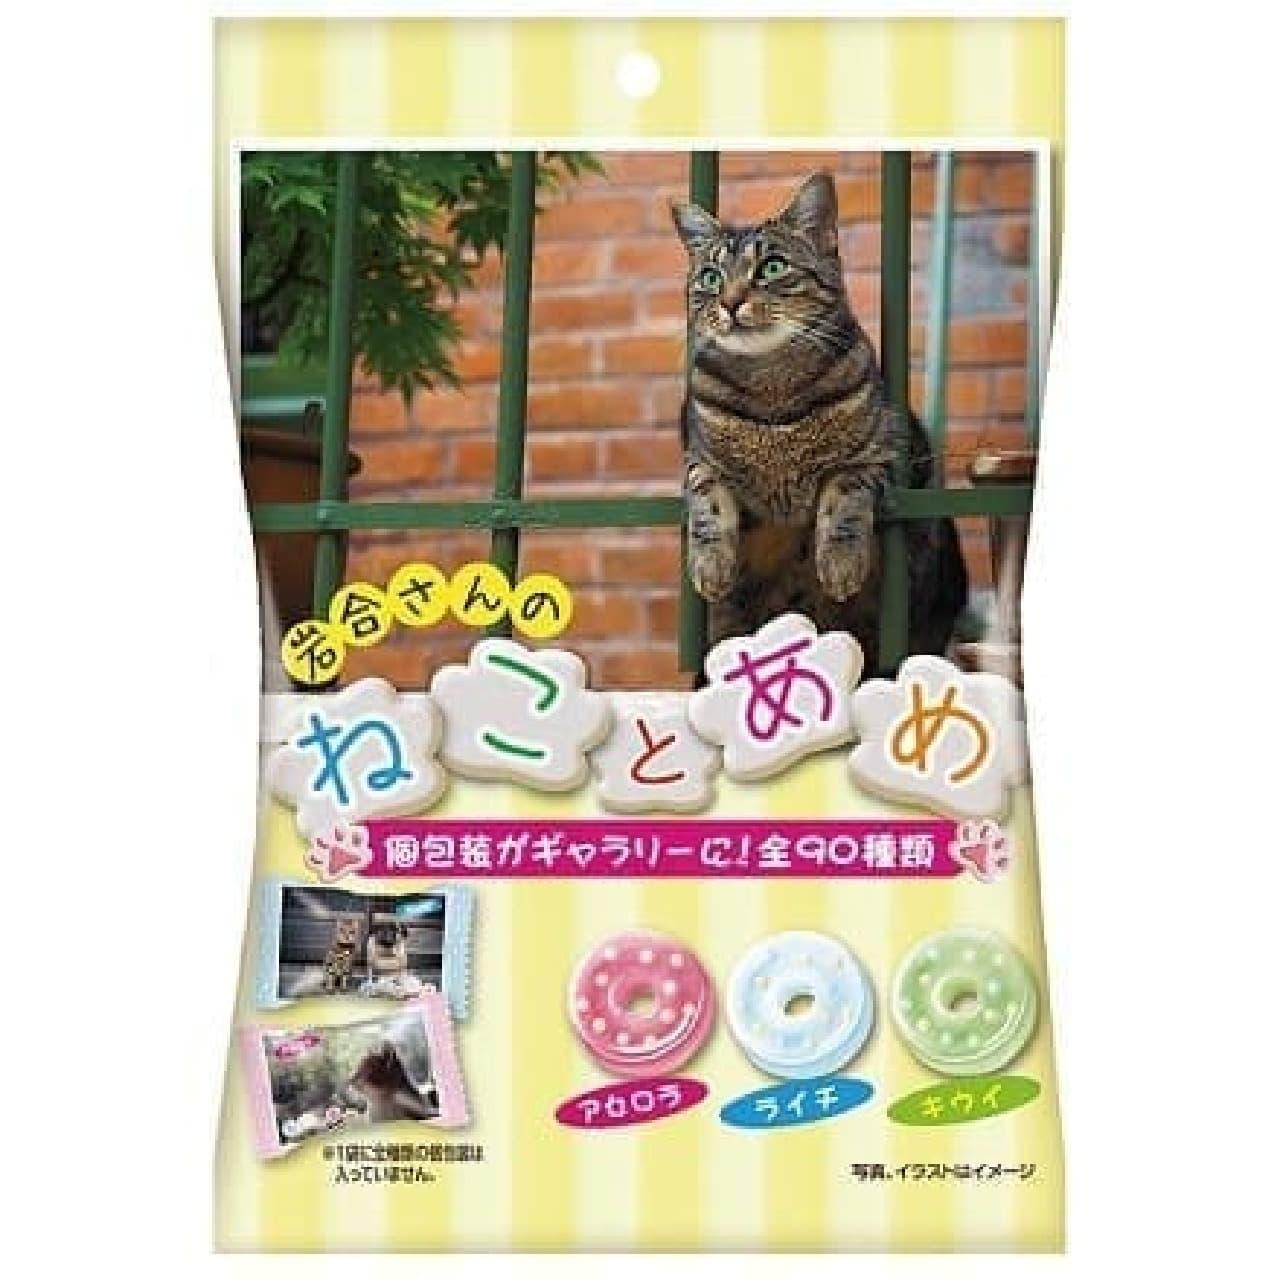 パイン「ねことあめ」、岩合光昭さん撮影のネコ写真がパッケージに